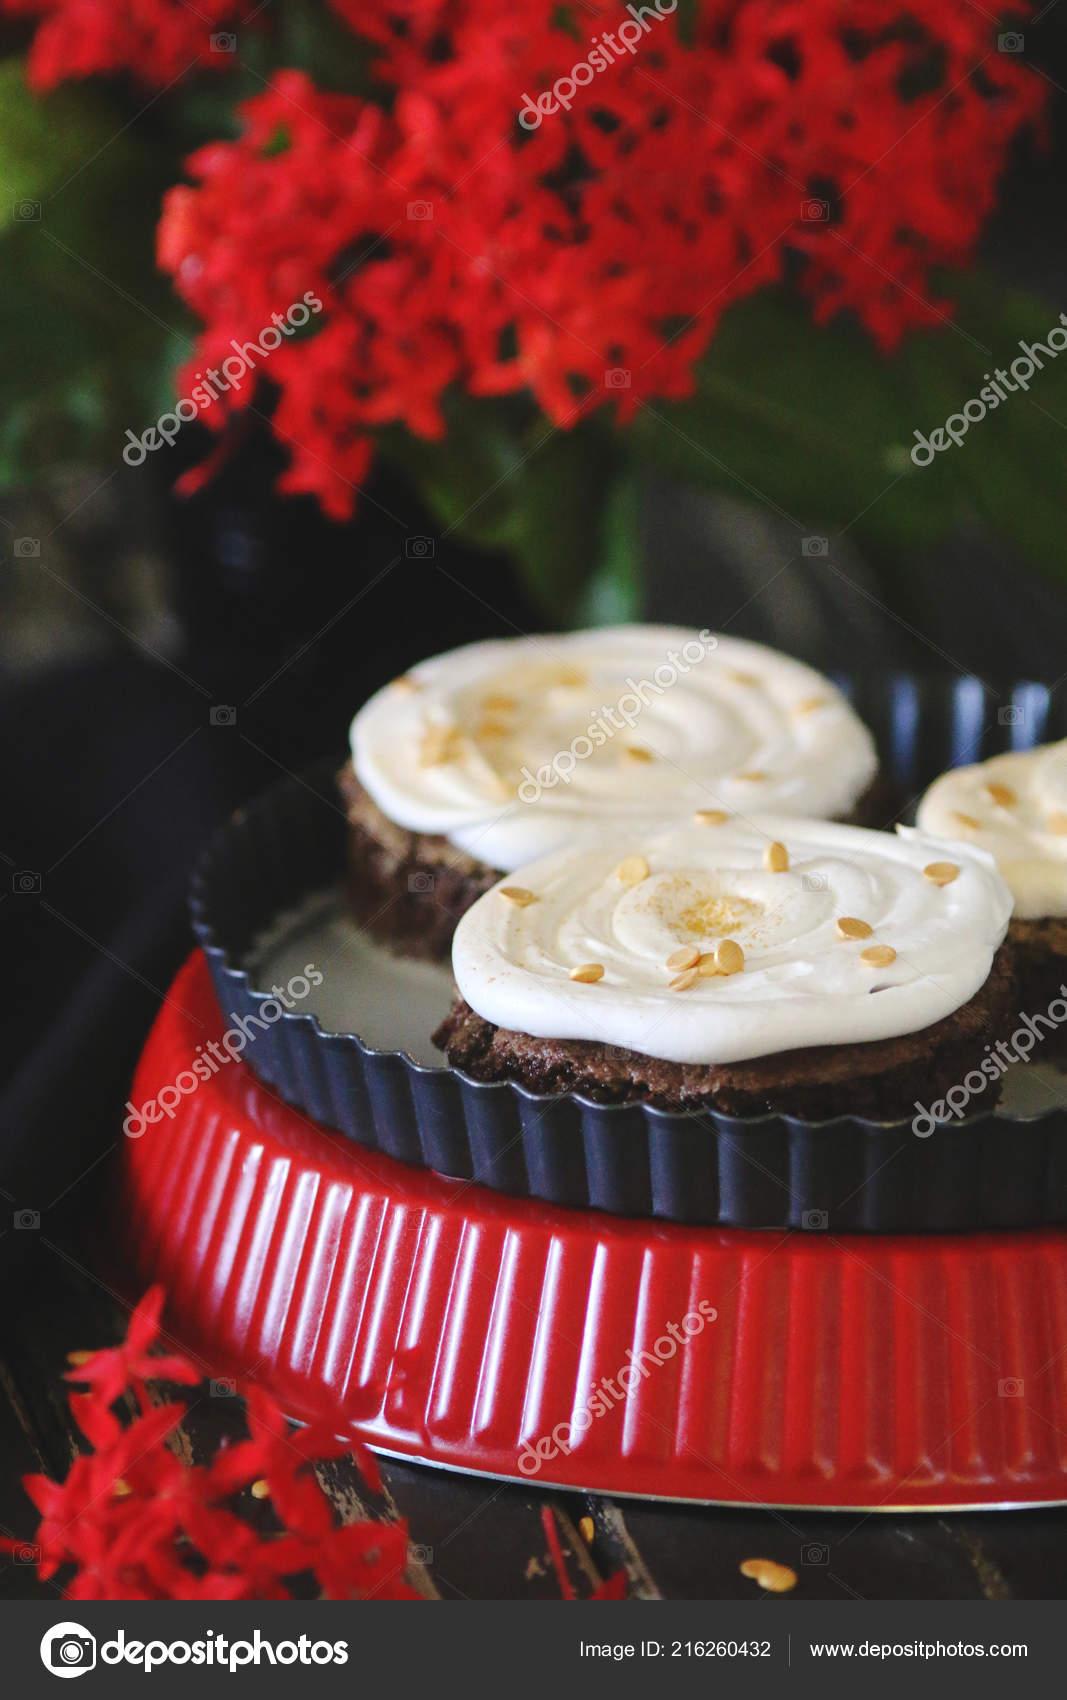 Mini Kuchen Mit Milchigen Creme Stockfoto C Adaco 216260432